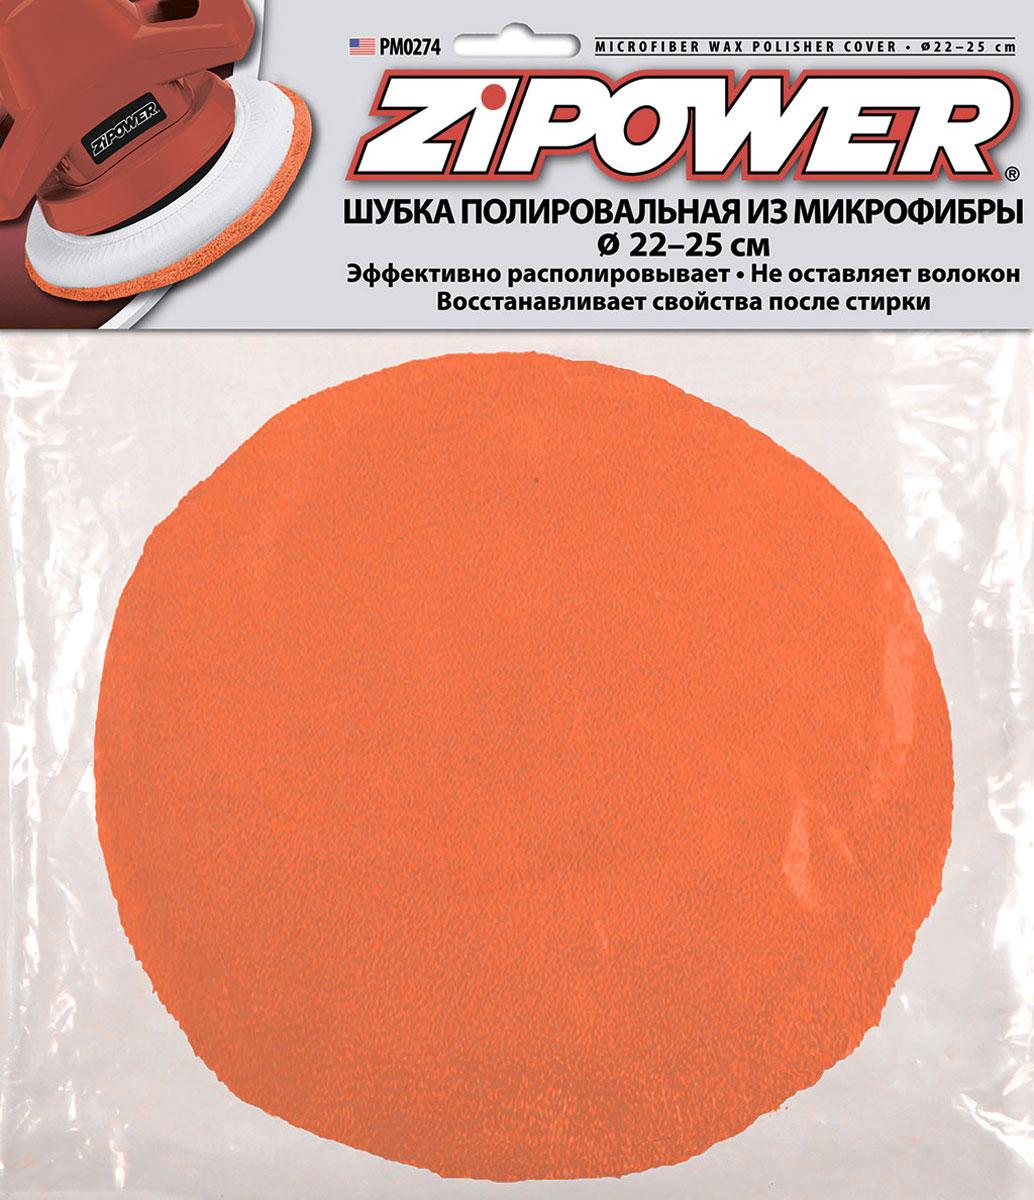 Шубка полировальная Zipower, из микрофибры, диаметр 22-25 смPM 0274Уникальная сверхмягкая, устойчивая к истиранию шубка Zipower из синтетических микроволокон предназначена для нанесения и обработки полиролями лакокрасочного покрытия автомобиля с помощью полировальной машины. Идеальный вариант для выполнения работ качественно, быстро и без особых усилий. Шубка позволяет эффективно располировать состав на поверхности. За счет структурымикроволокна изделие отличается прочностью и долговечностью. После стирки она полностью восстанавливает свои свойства и внешний вид. Не оставляет волокон.Диаметр шубки: 22-25 см.